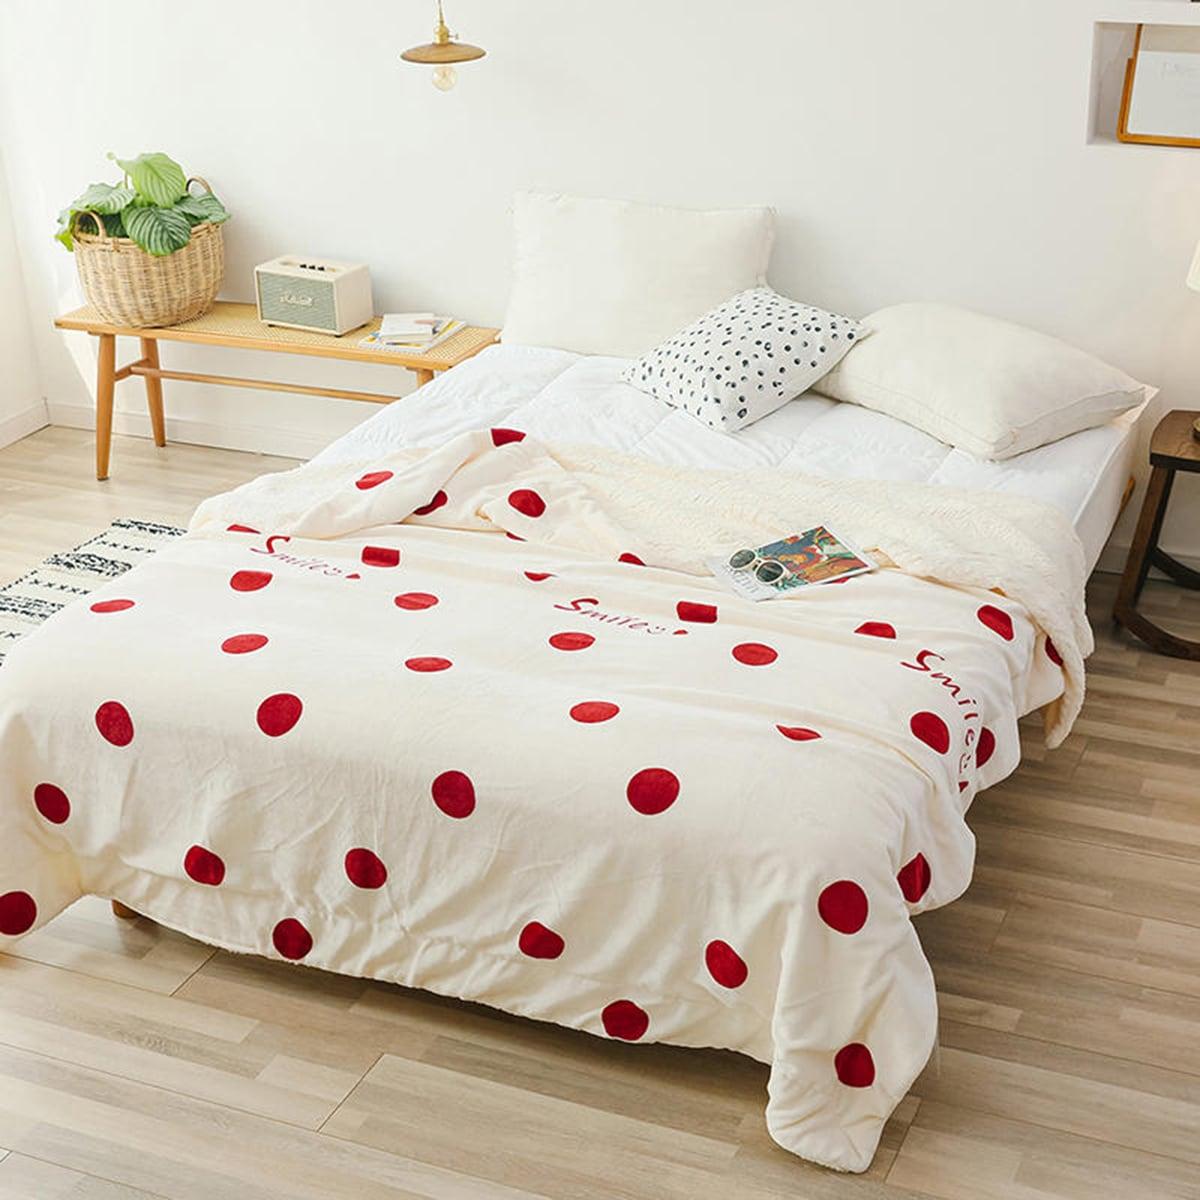 1 st Polka Dot & Letter grafische deken